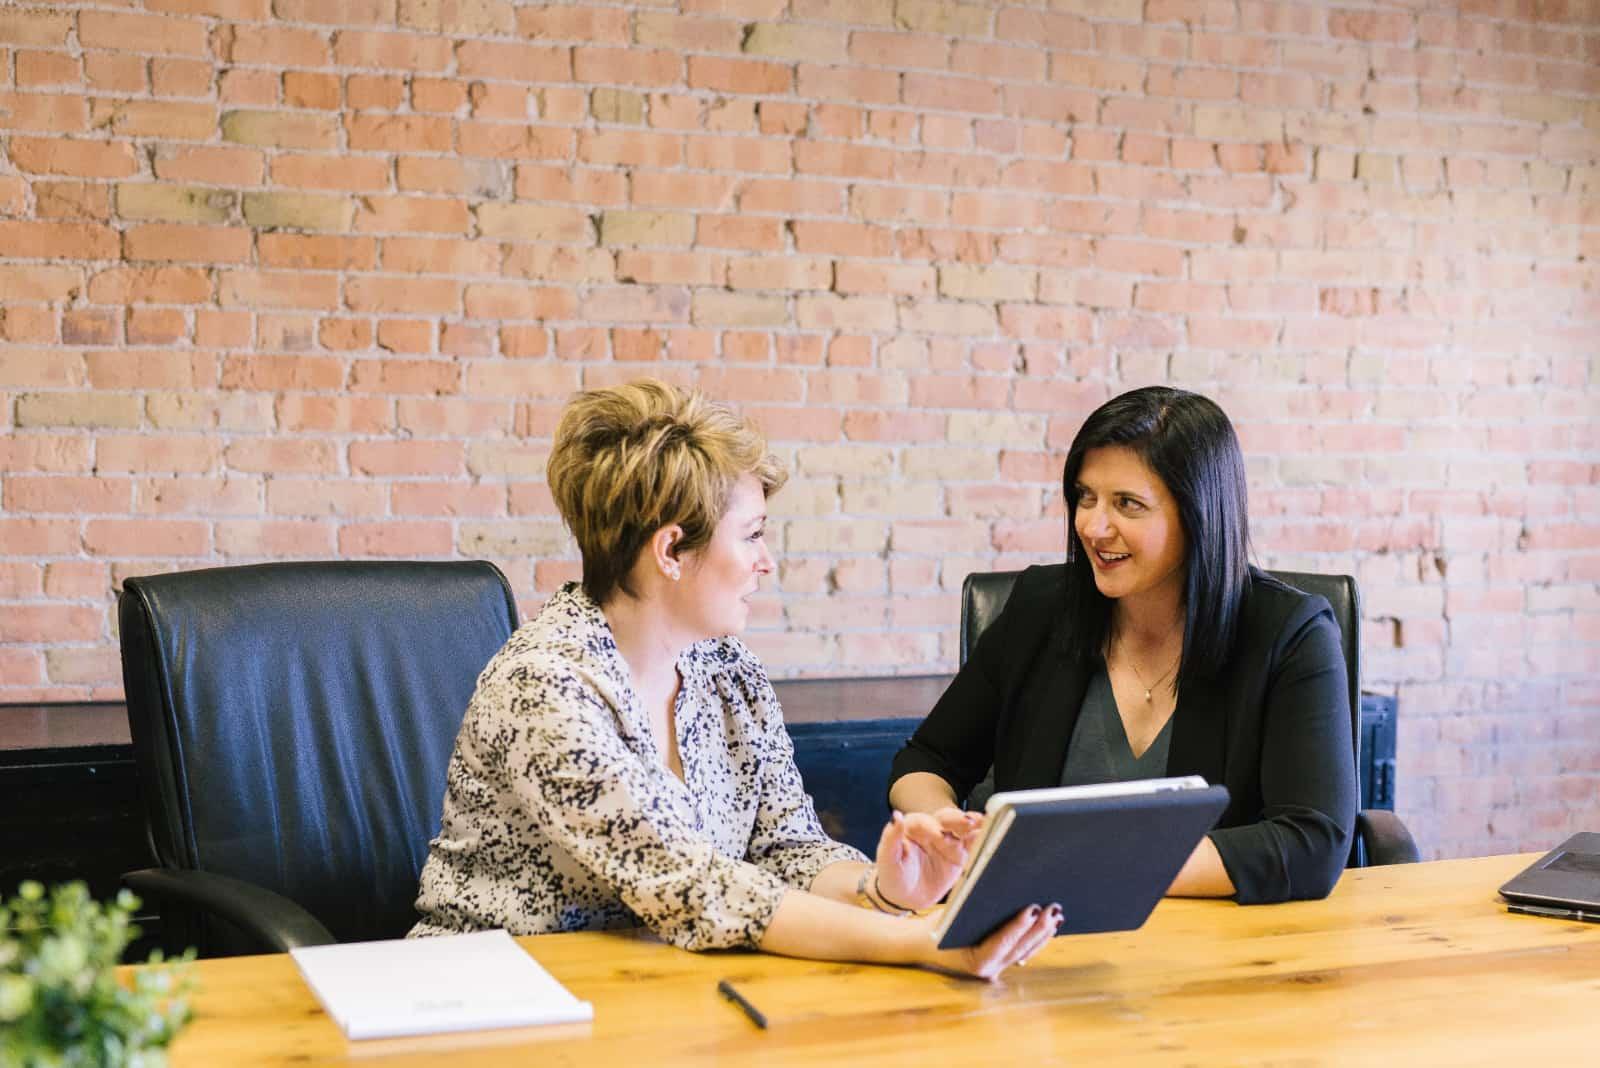 femme parlant à une femme assise dans un bureau